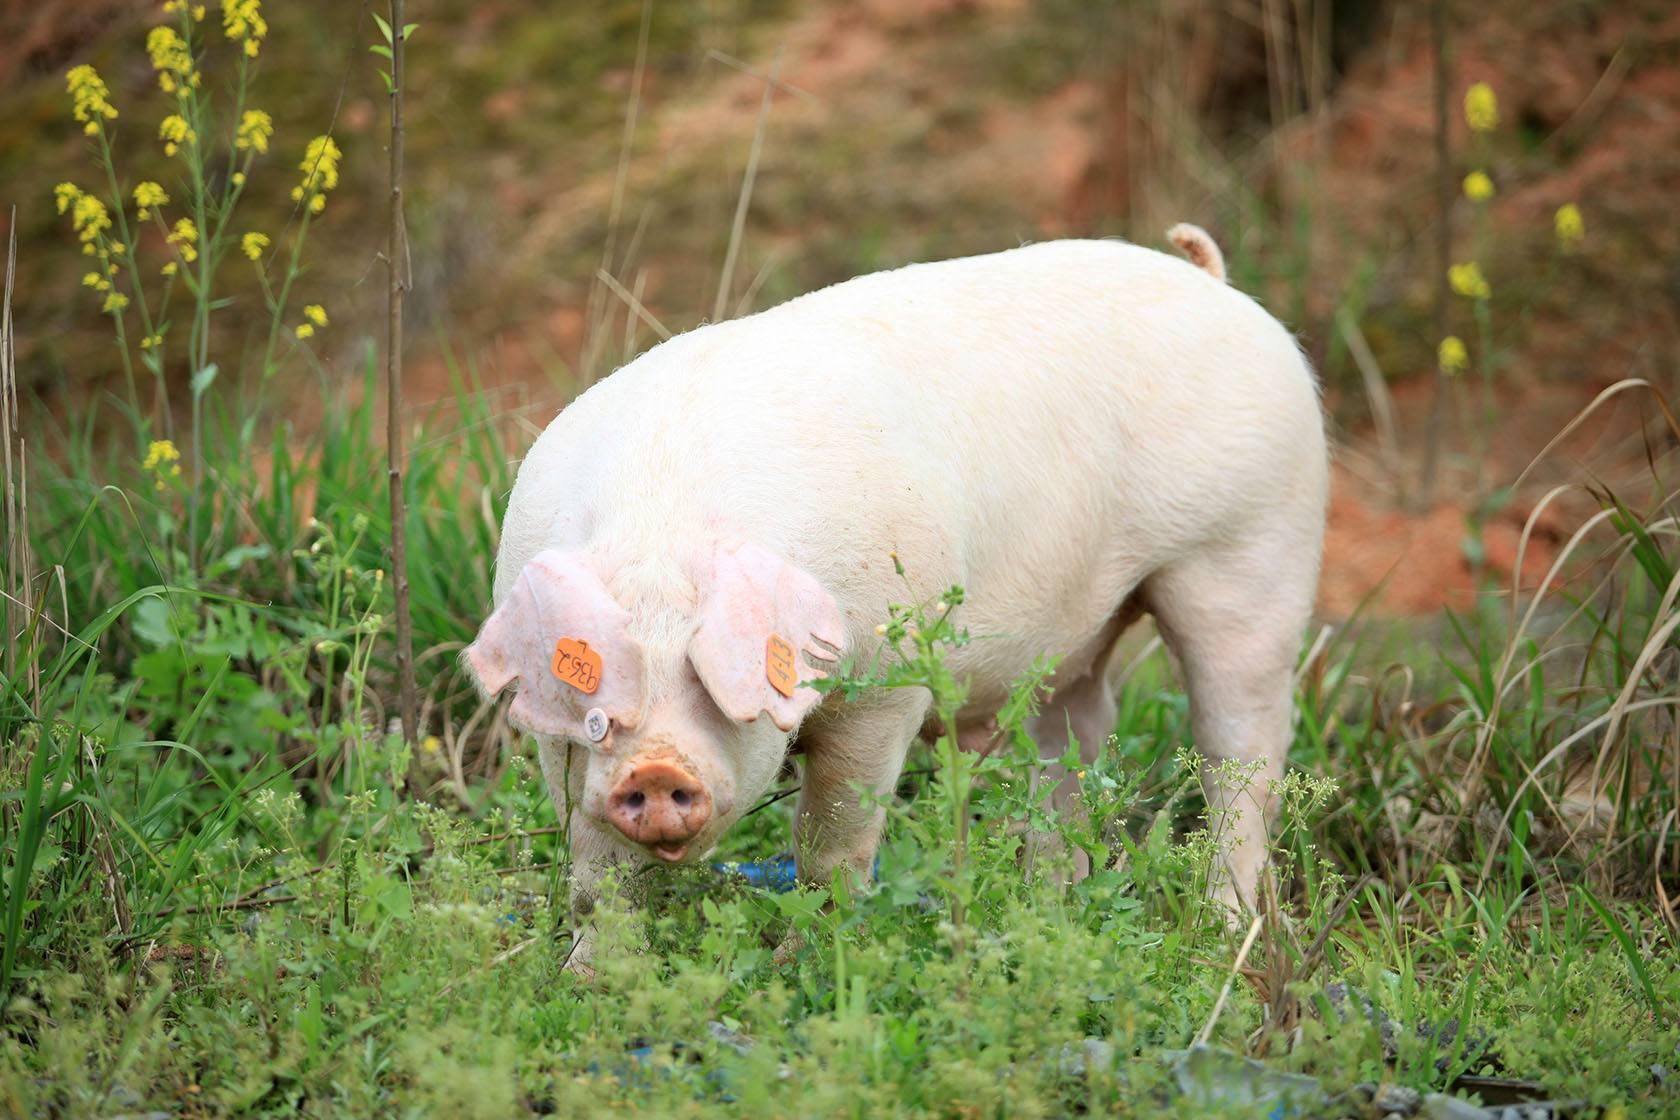 猪价开始反攻,养猪户过年前要赶快出栏吗?